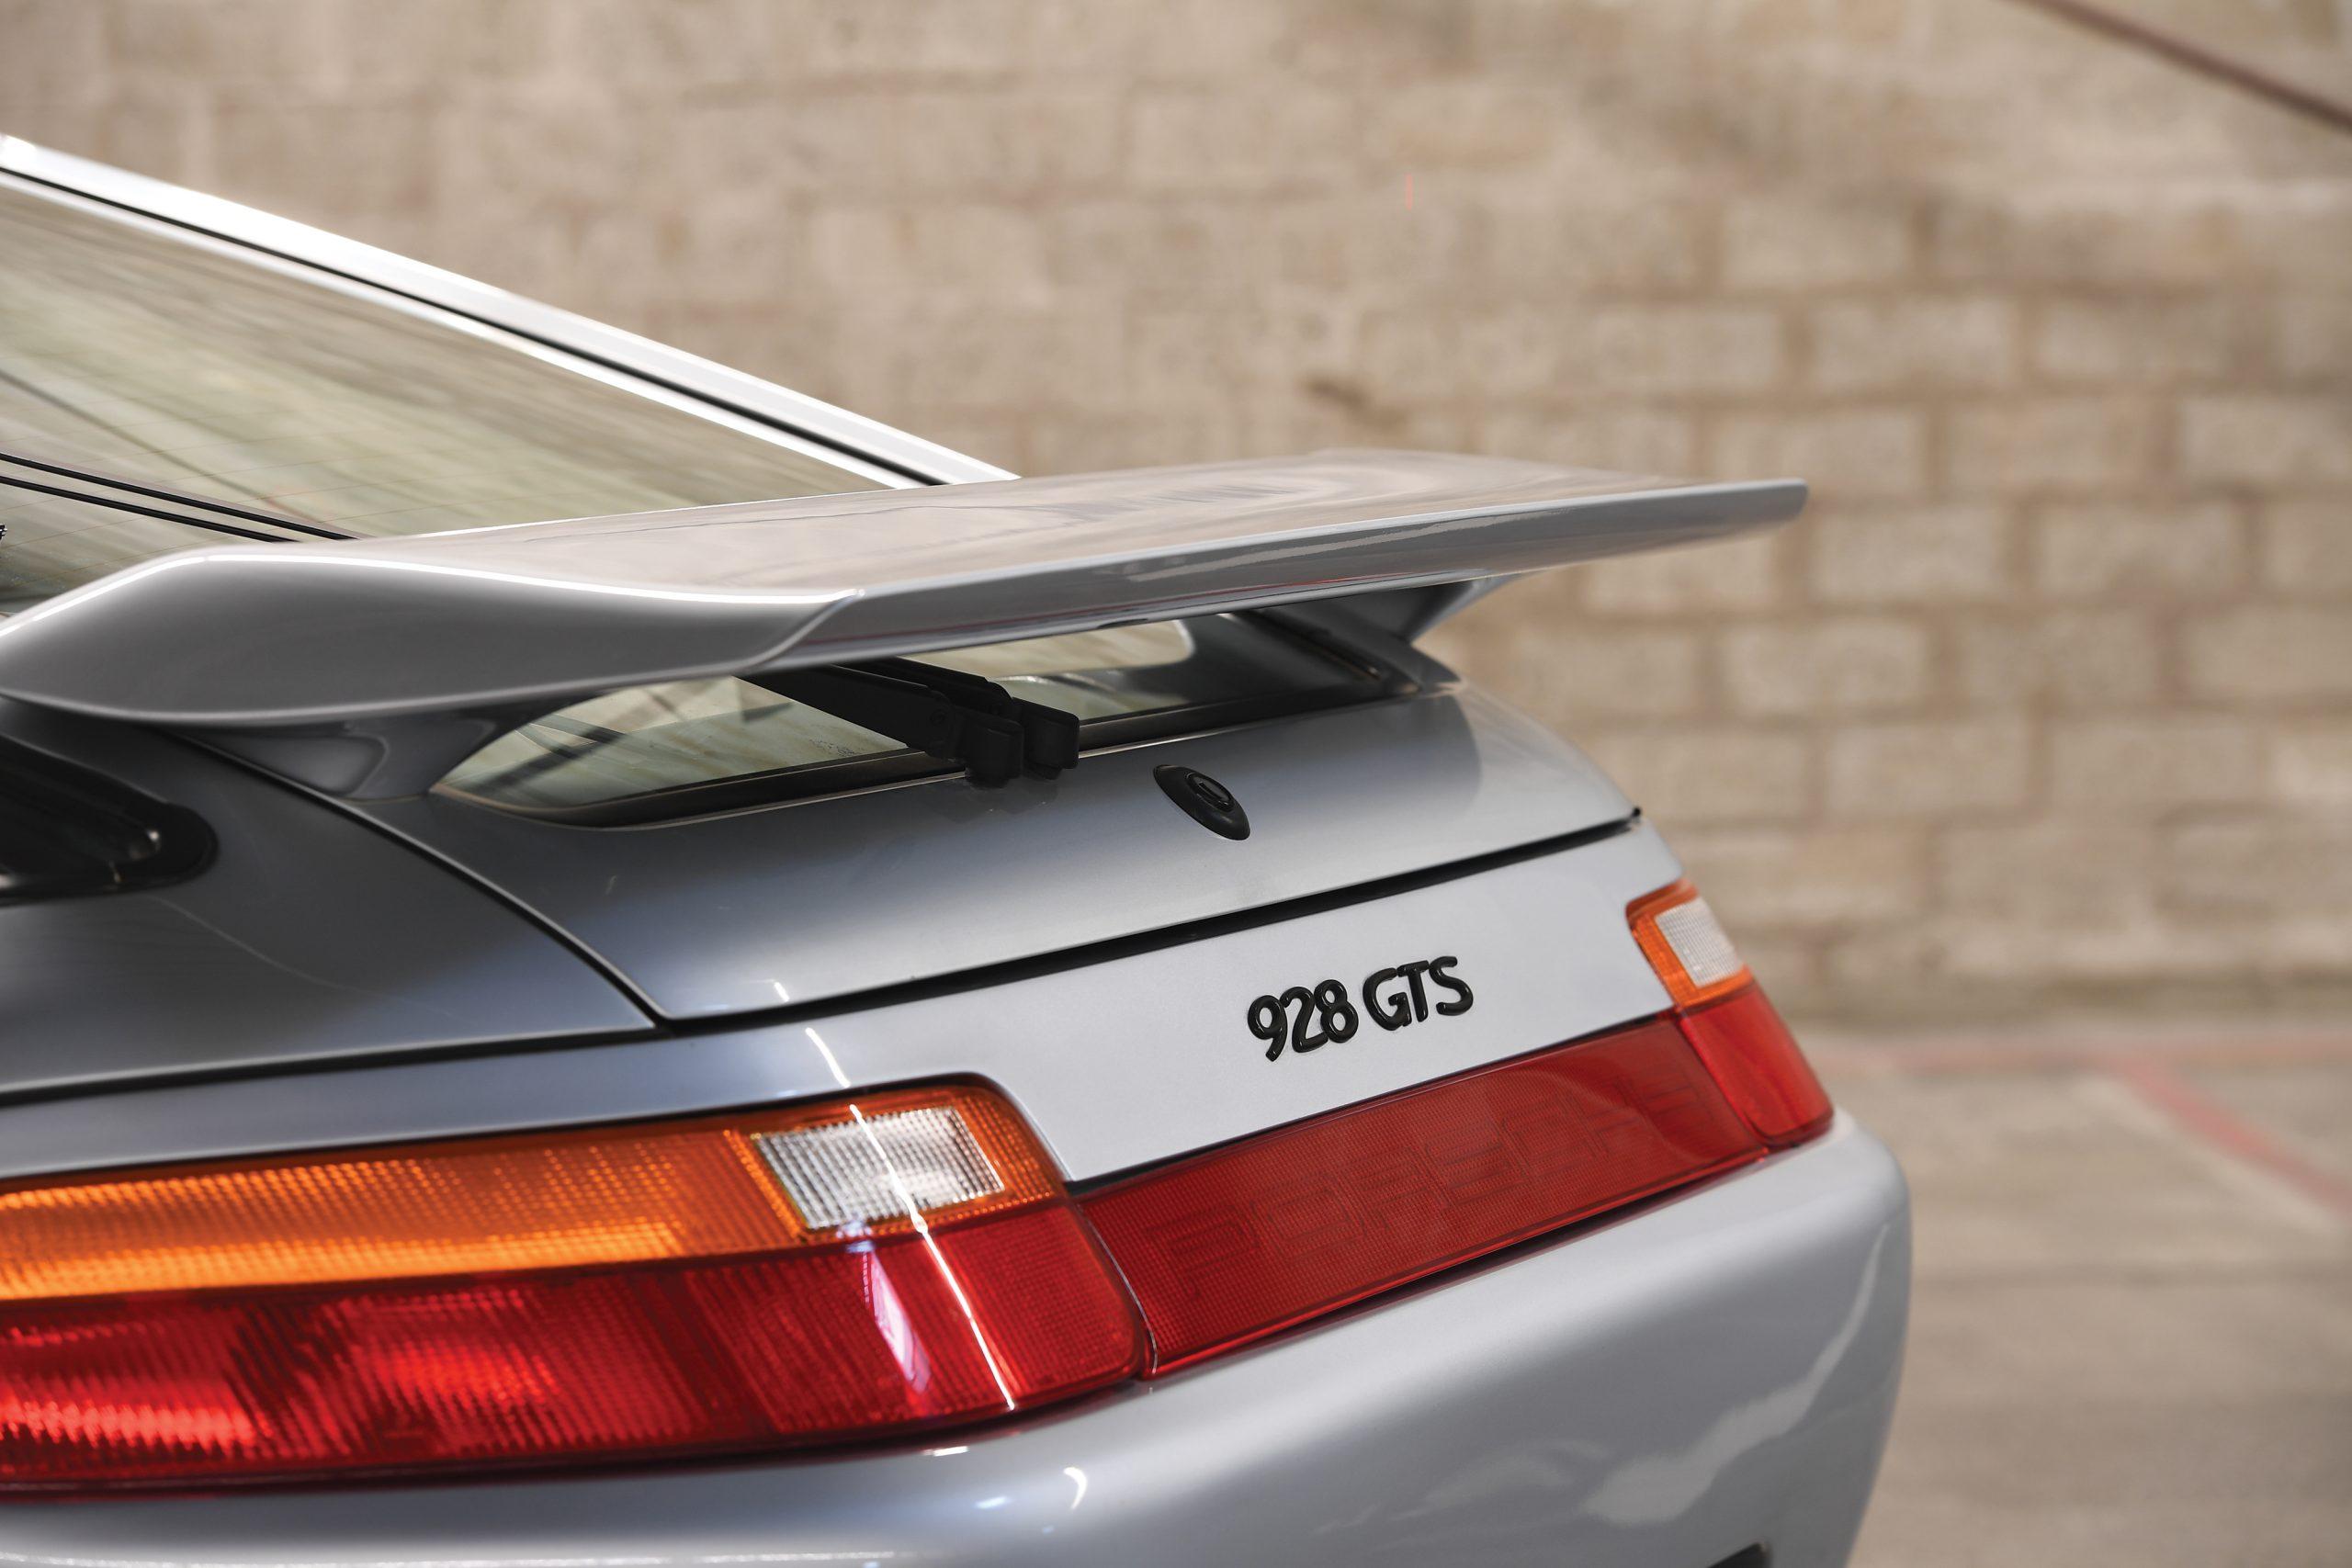 1992 Porsche 928 GTS Rear Spoiler